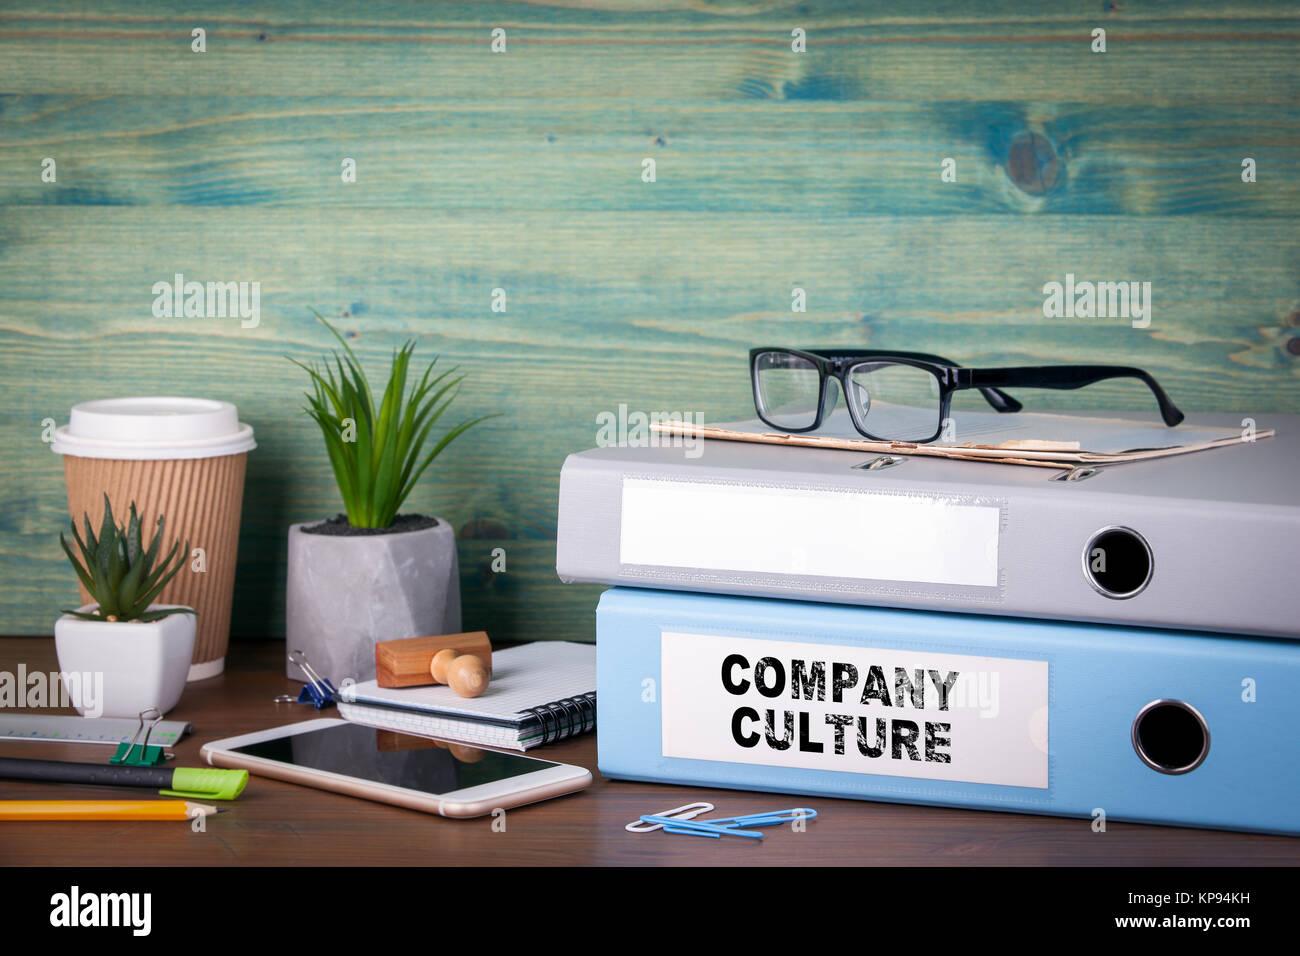 Culture d'entreprise. Les liants sur 24 dans le bureau. Arrière-plan d'affaires Photo Stock